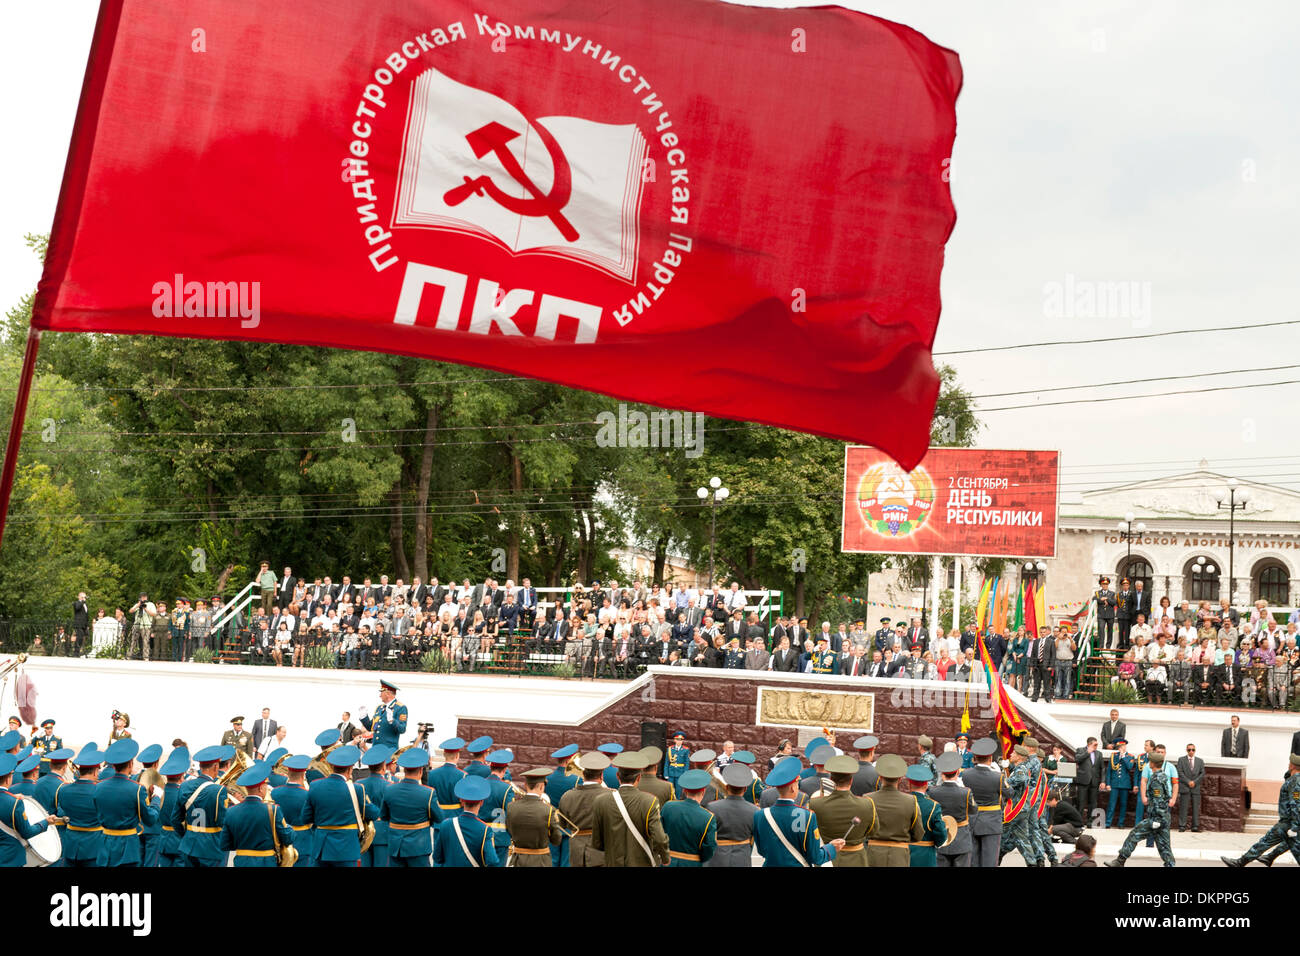 Independence Day Parade und feiern in Transnistrien am 2. September. Stockbild